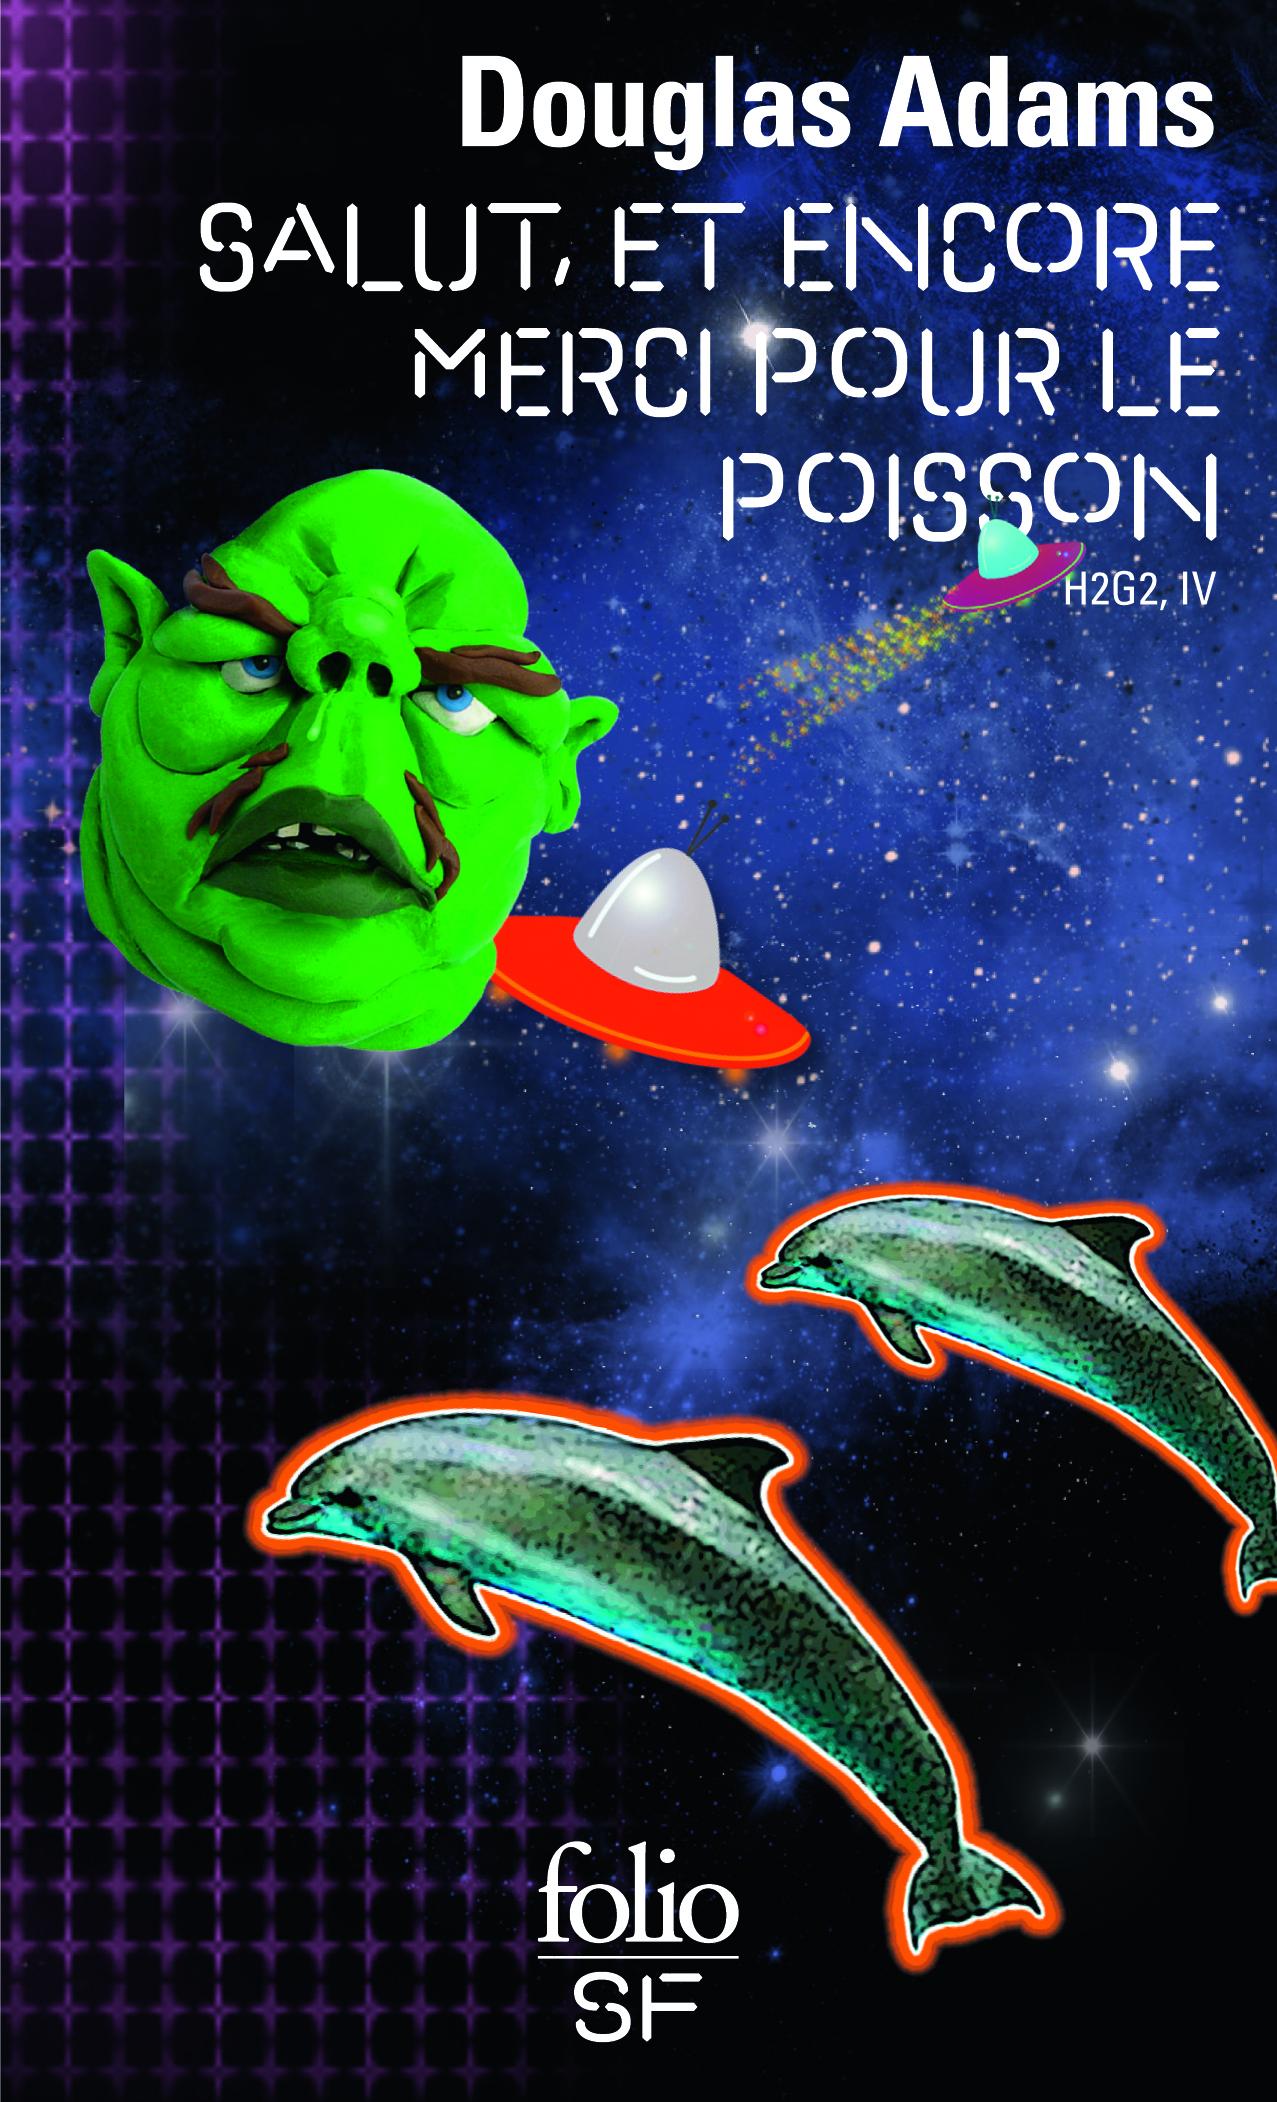 SALUT, ET ENCORE MERCI POUR LE POISSON